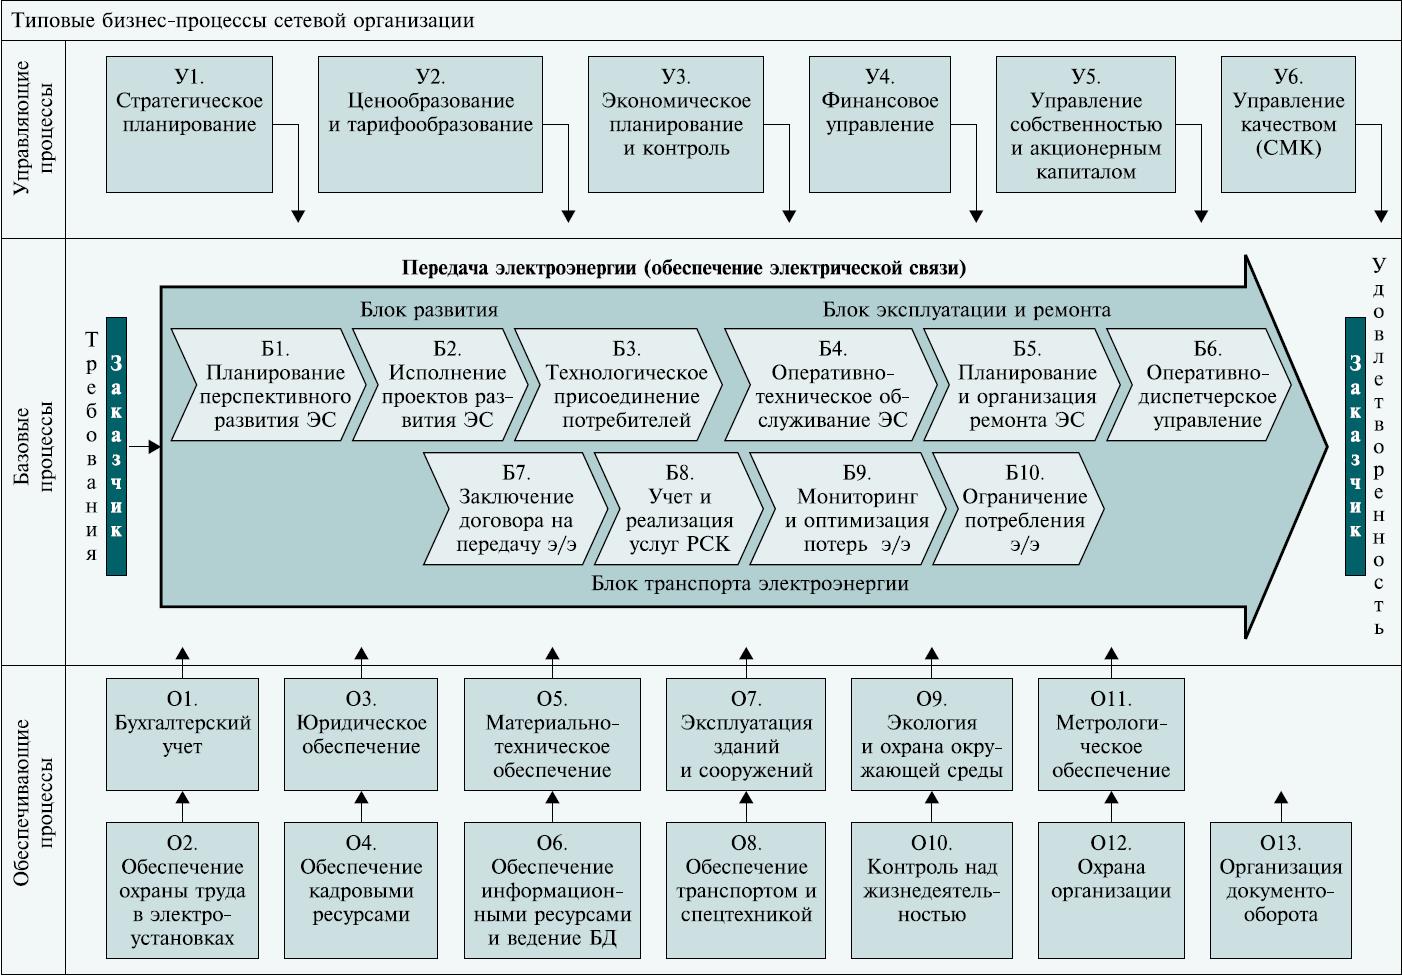 картинки процессы смк в вузе подключении платформ